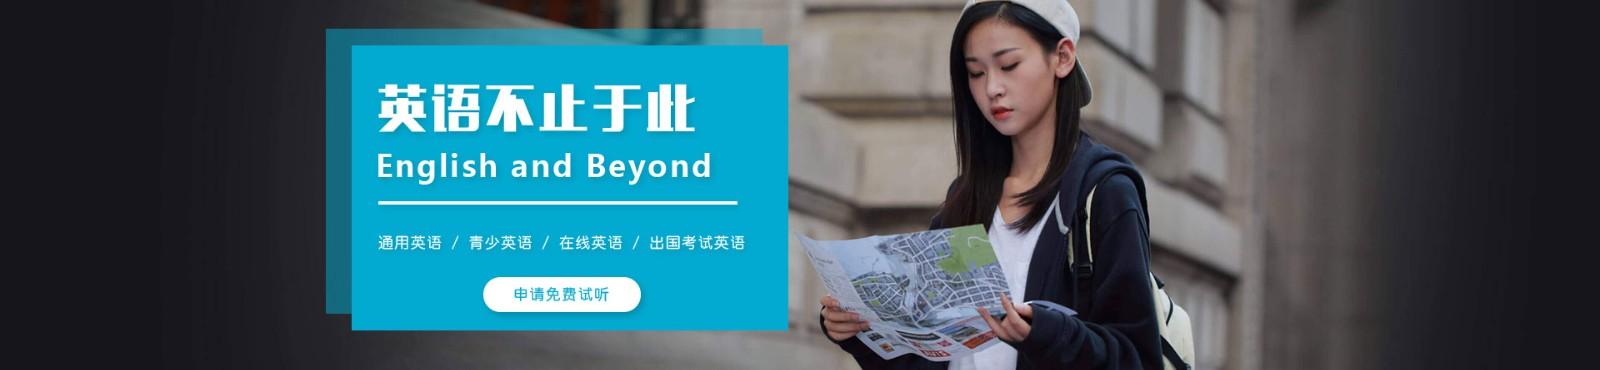 郑州韦博英语合乐彩票app学校 横幅广告